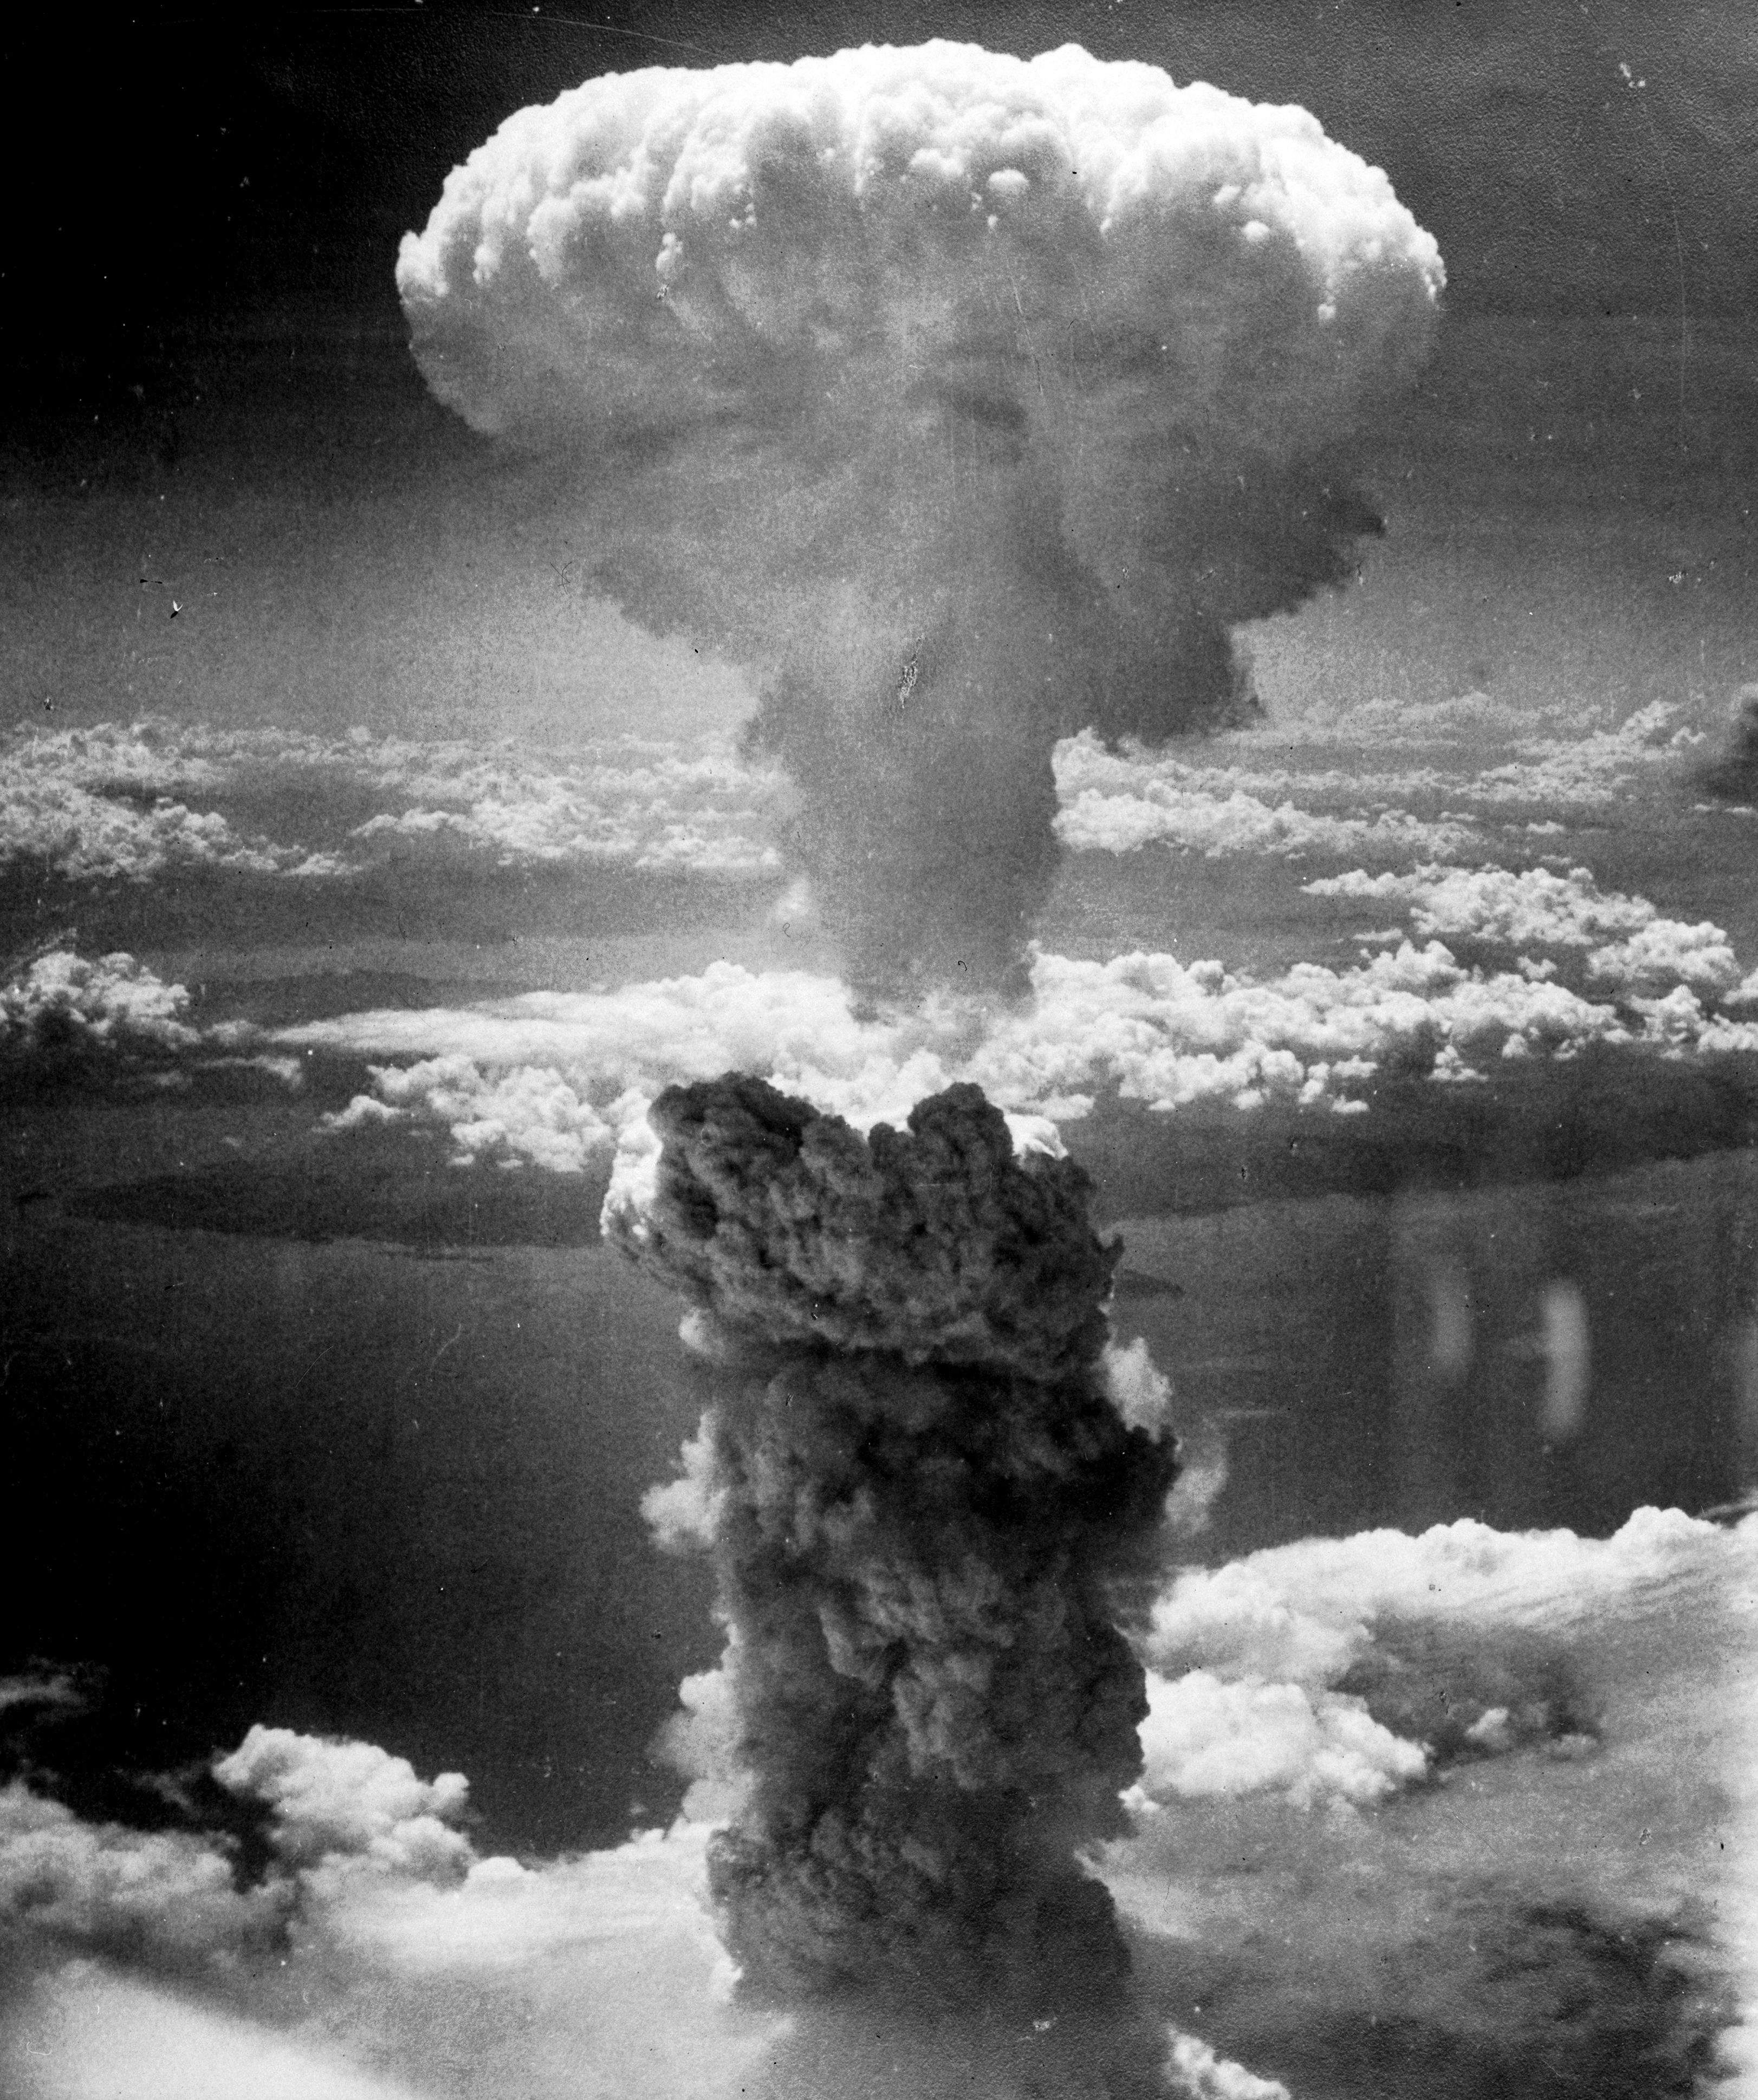 """Nuage champignon causé par l'explosion de la bombe atomique """"Fat Man"""" le 9 août 1945, sur la ville de Nagasaki (Japon), par l'armée américaine."""